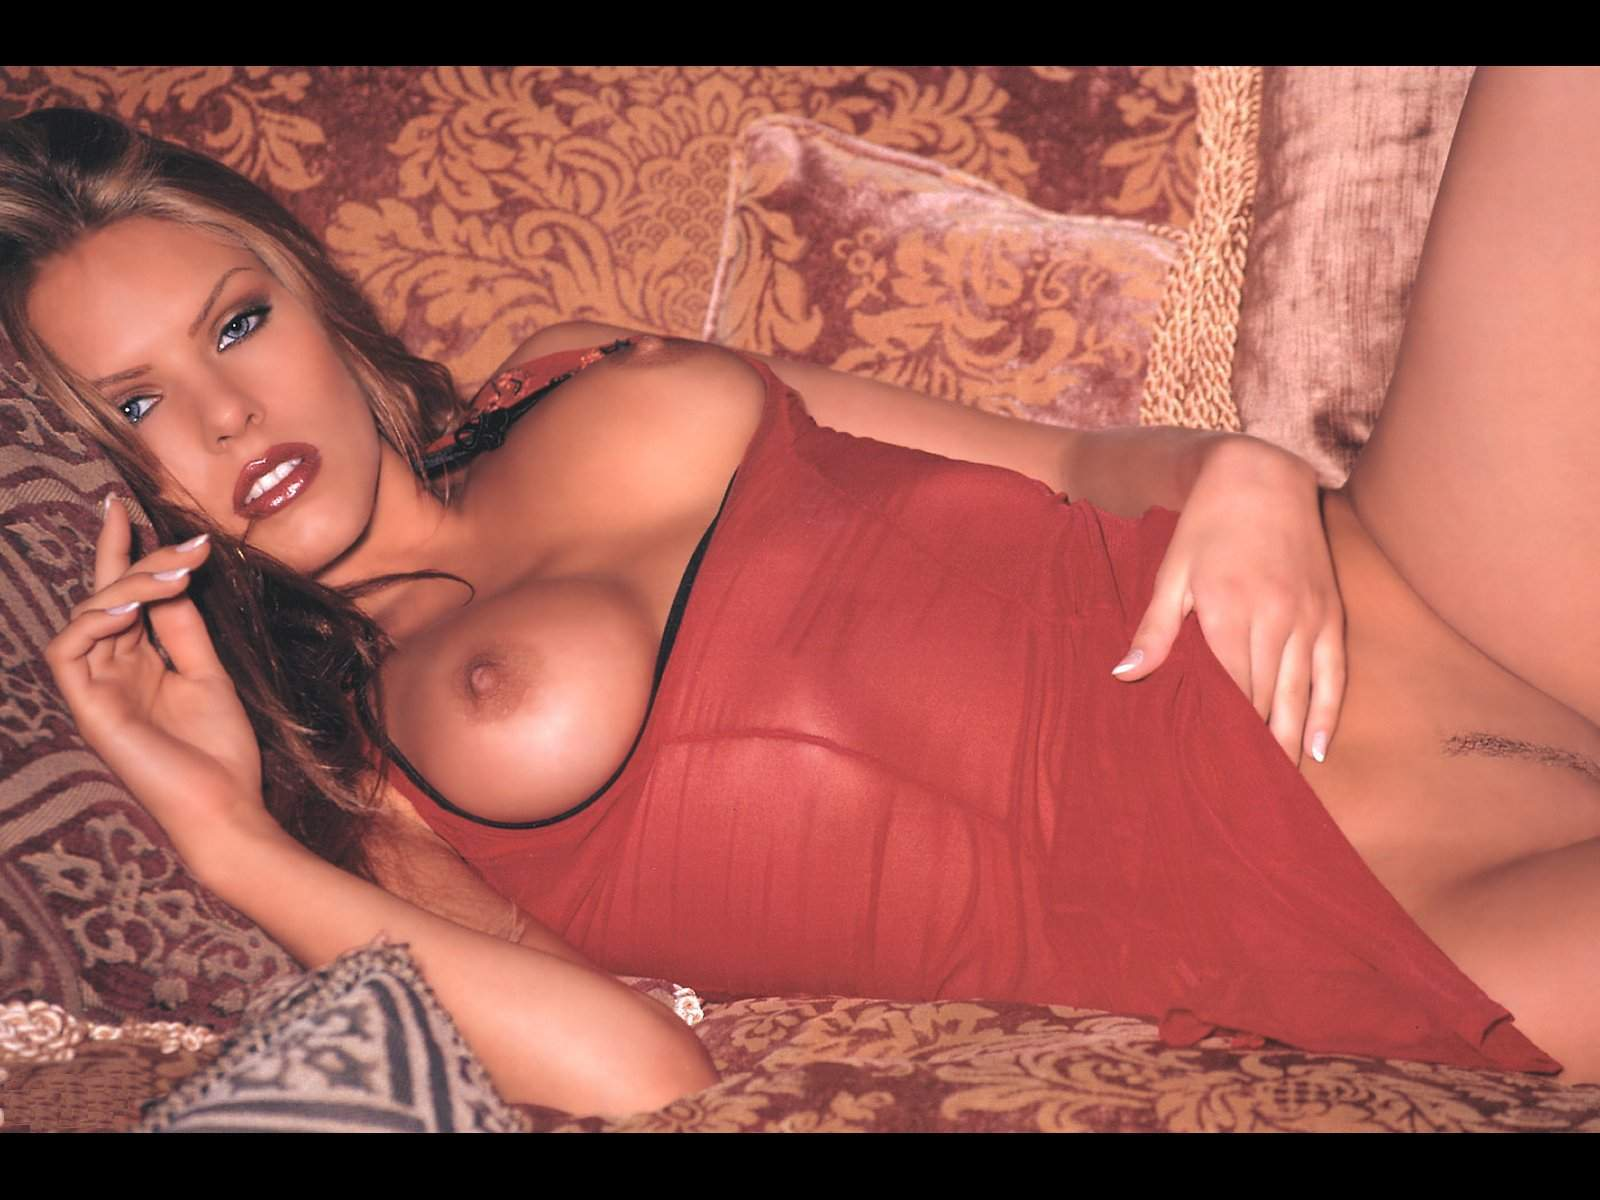 Шакира занемается сексом 25 фотография